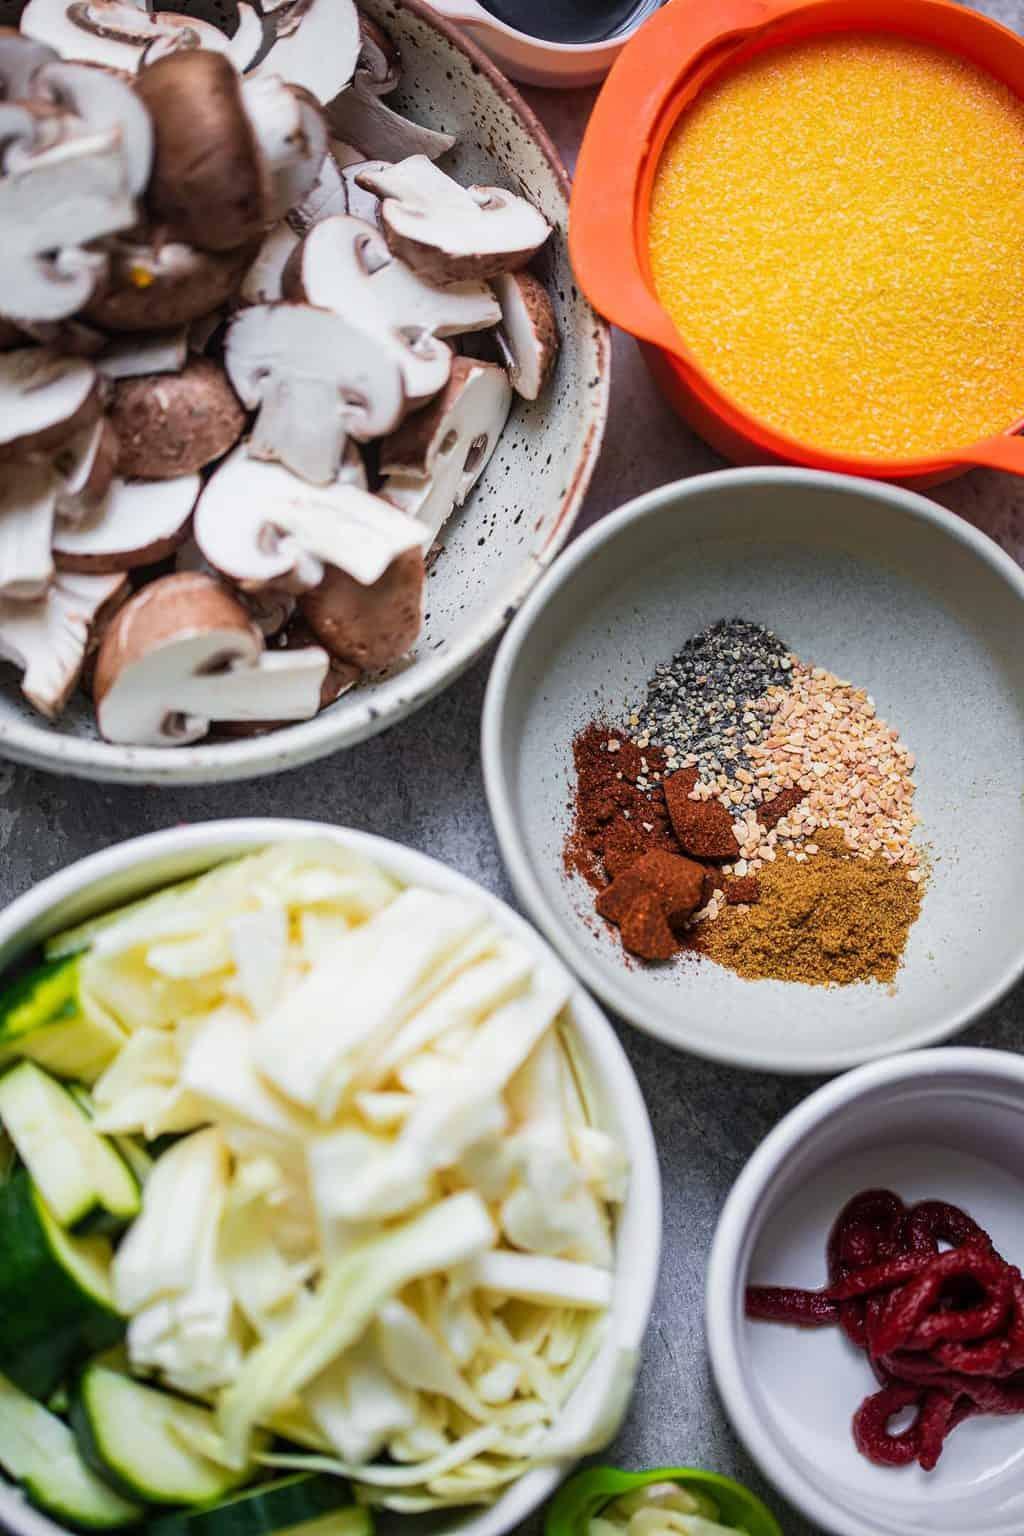 Vegetable polenta ingredients